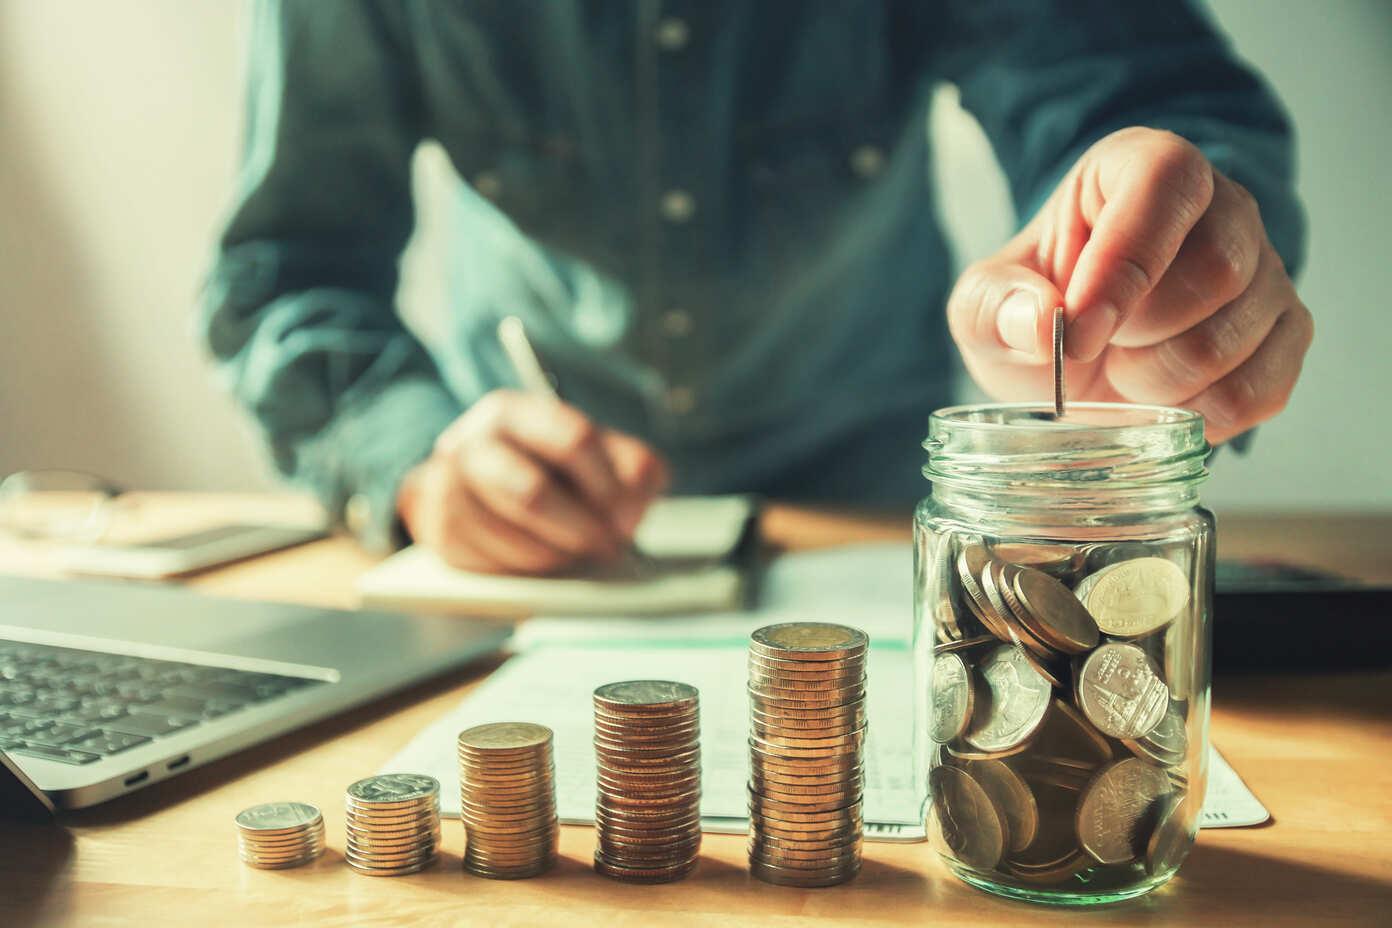 Imagem de um homem depositando uma moeda em um pote com mais moedas, ao lado dele tem mais pilhas de moedas